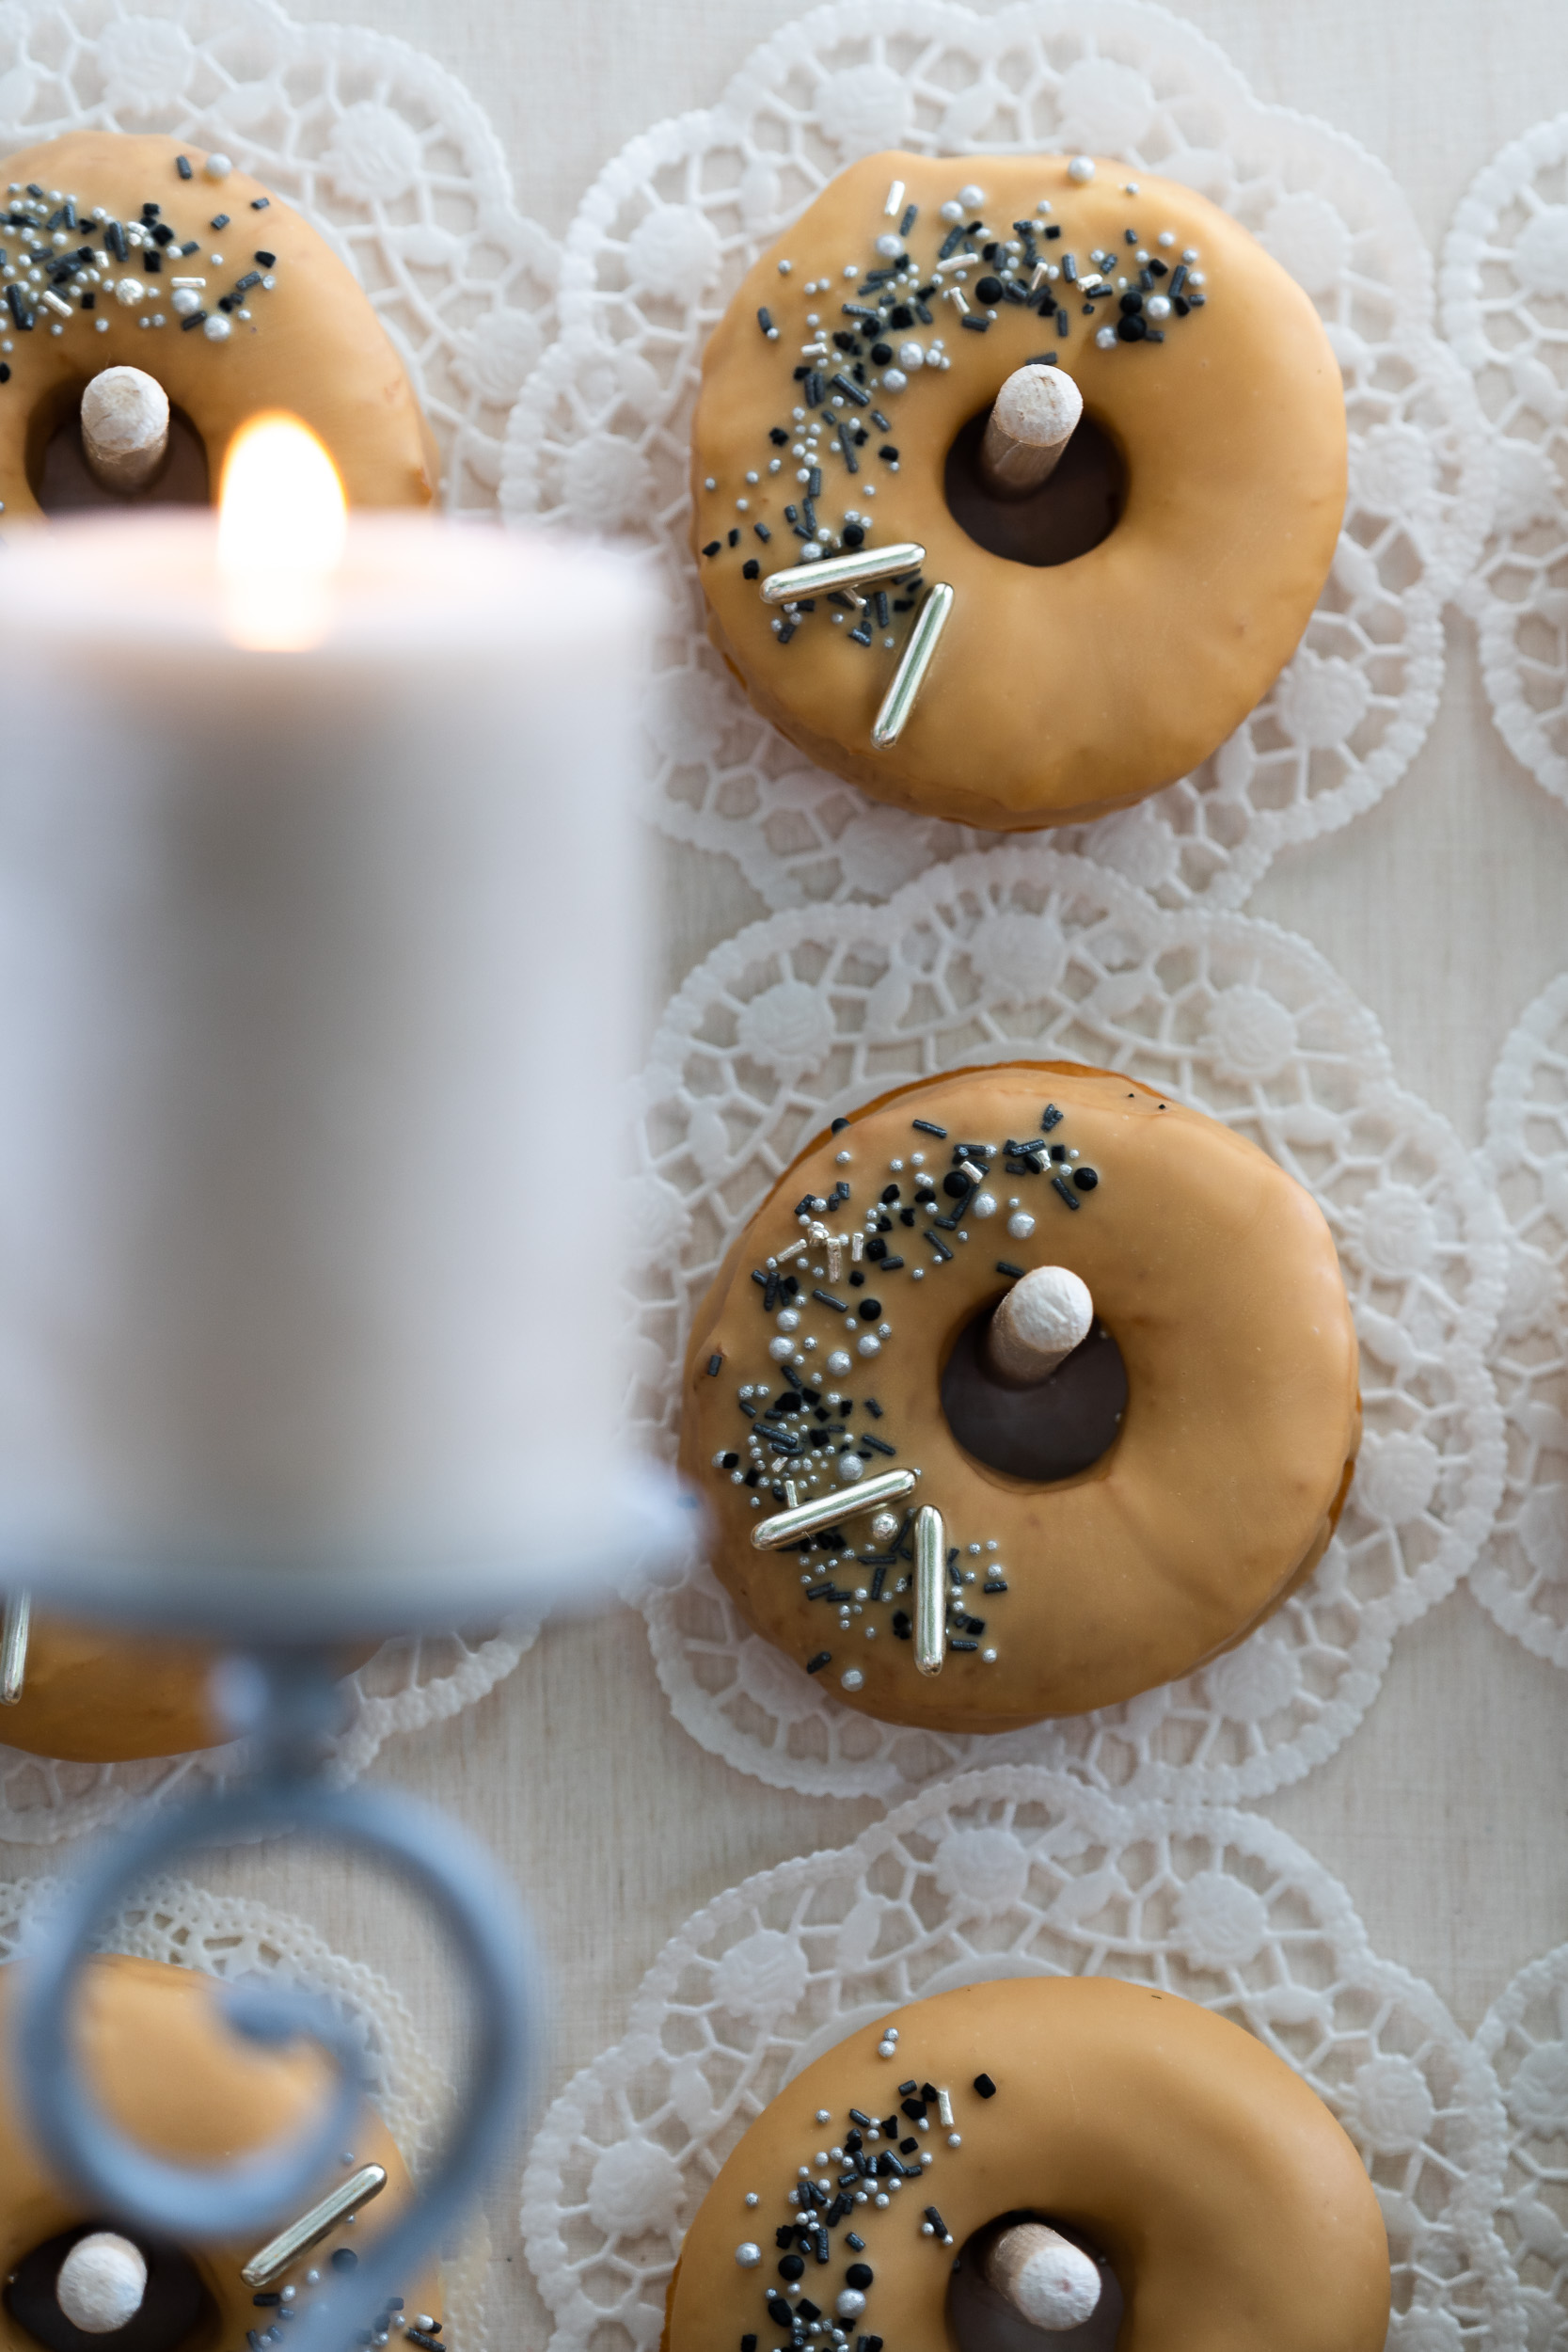 Bulliversum Hochzeitsmesse Donuts